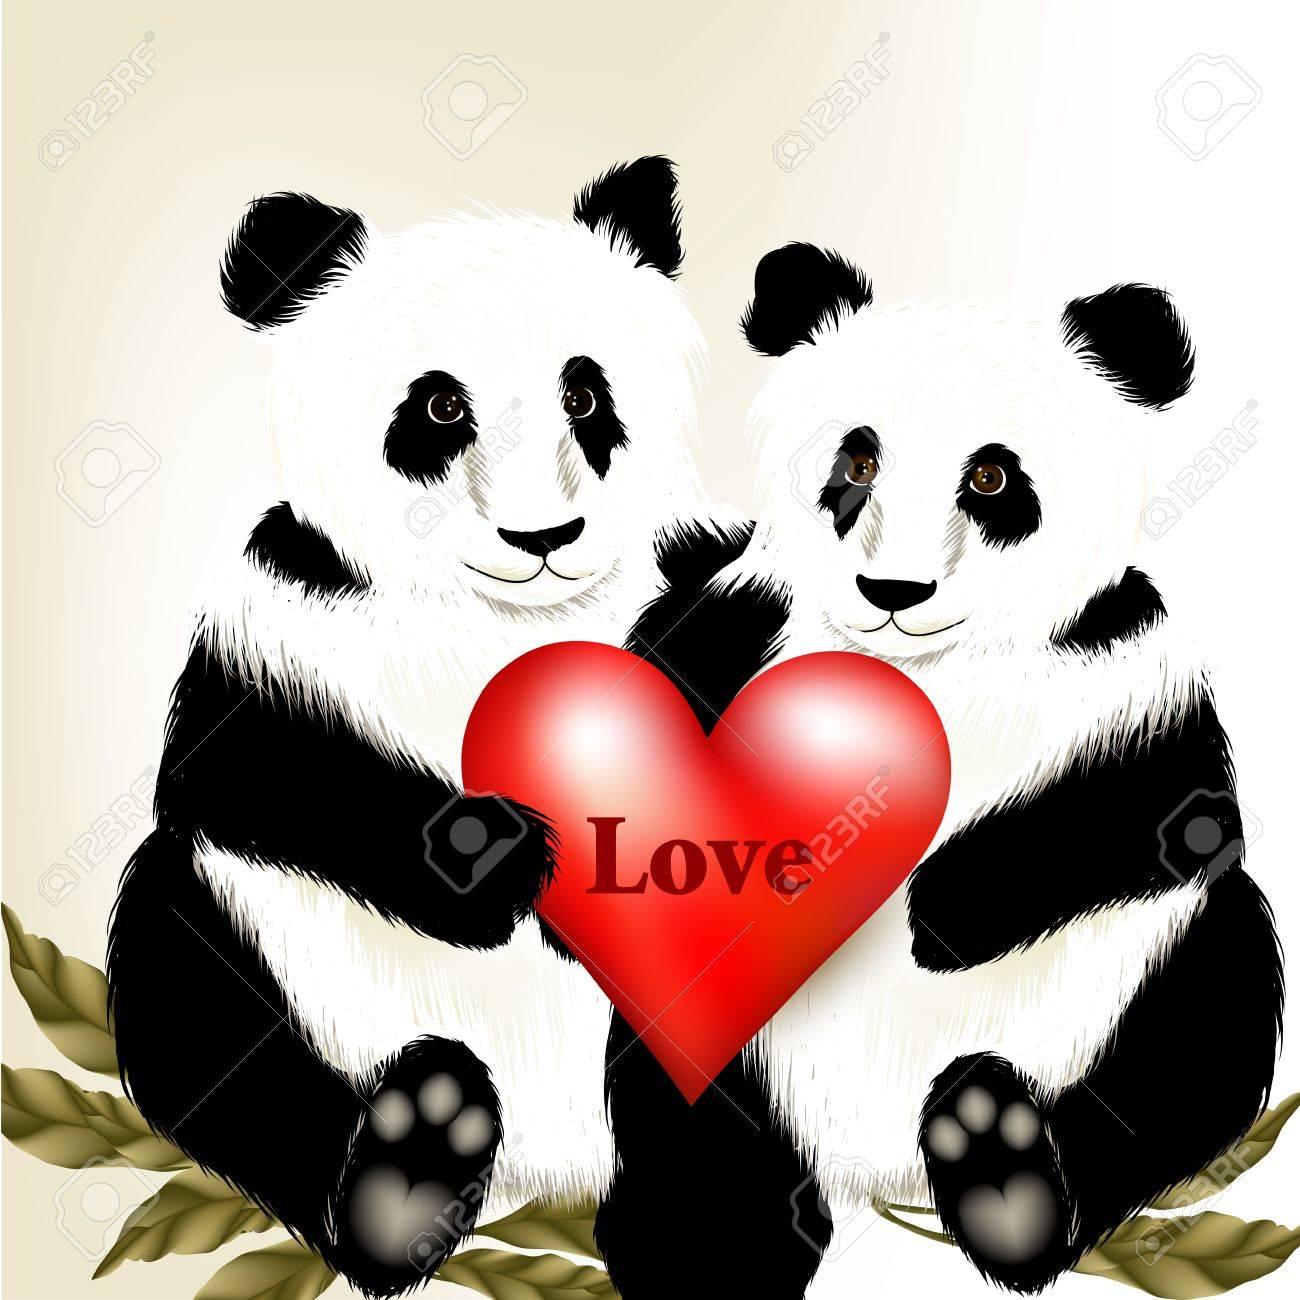 Panda Caricatura Imágenes De Archivo, Vectores, Panda Caricatura ...